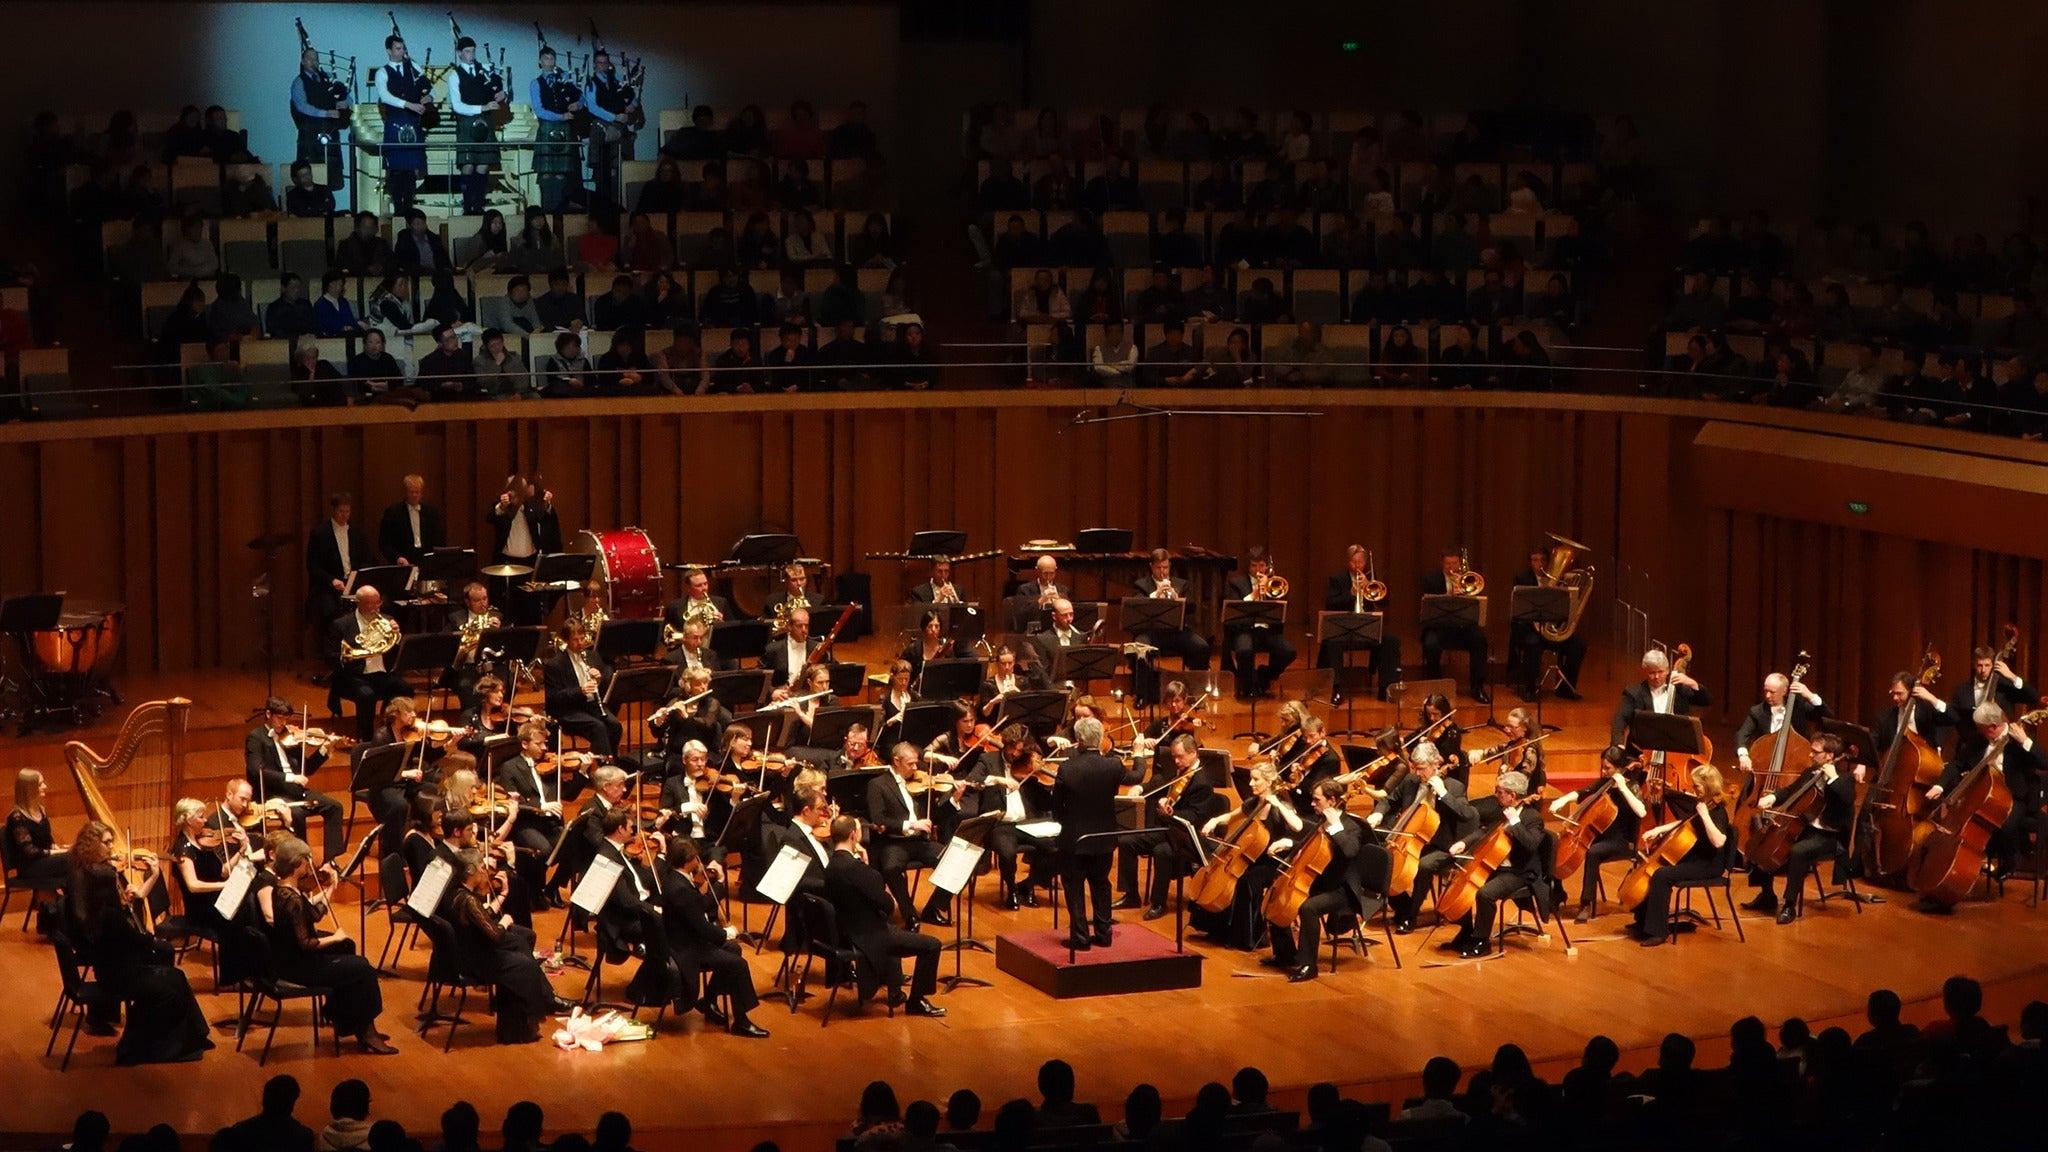 Royal Scottish National Orchestra - Danny Elfman, Composer